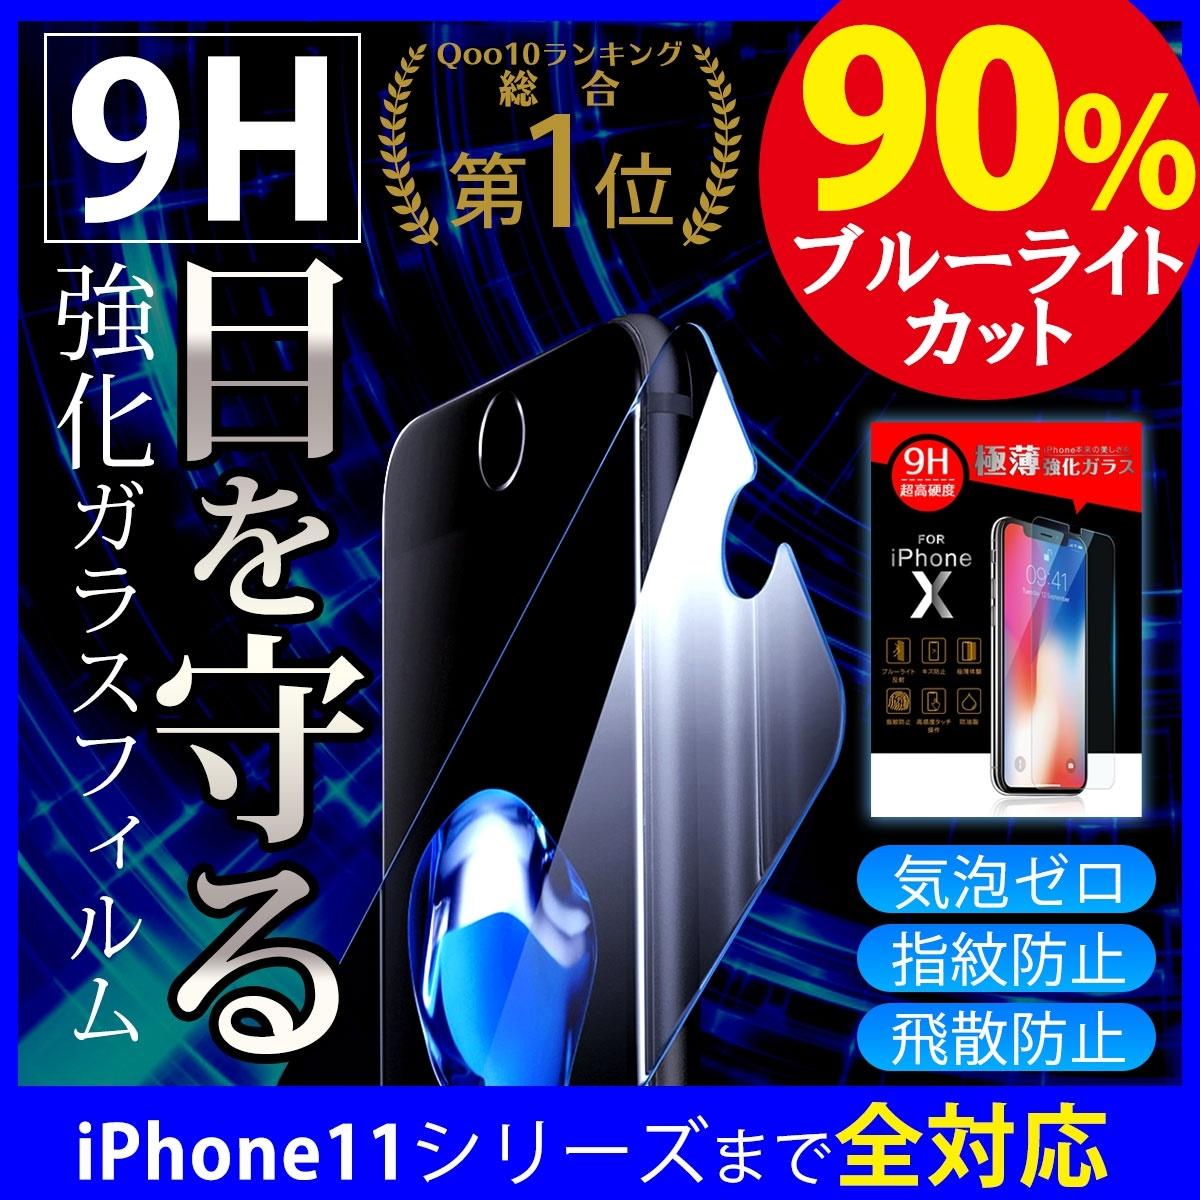 【最新 iPhone12対応】 iPhone ブルーライトカット 保護フィルム スマホ フィルム 強化ガラス iPhoneXSMax iPhoneXR PhoneX iPhone8 iPhone11